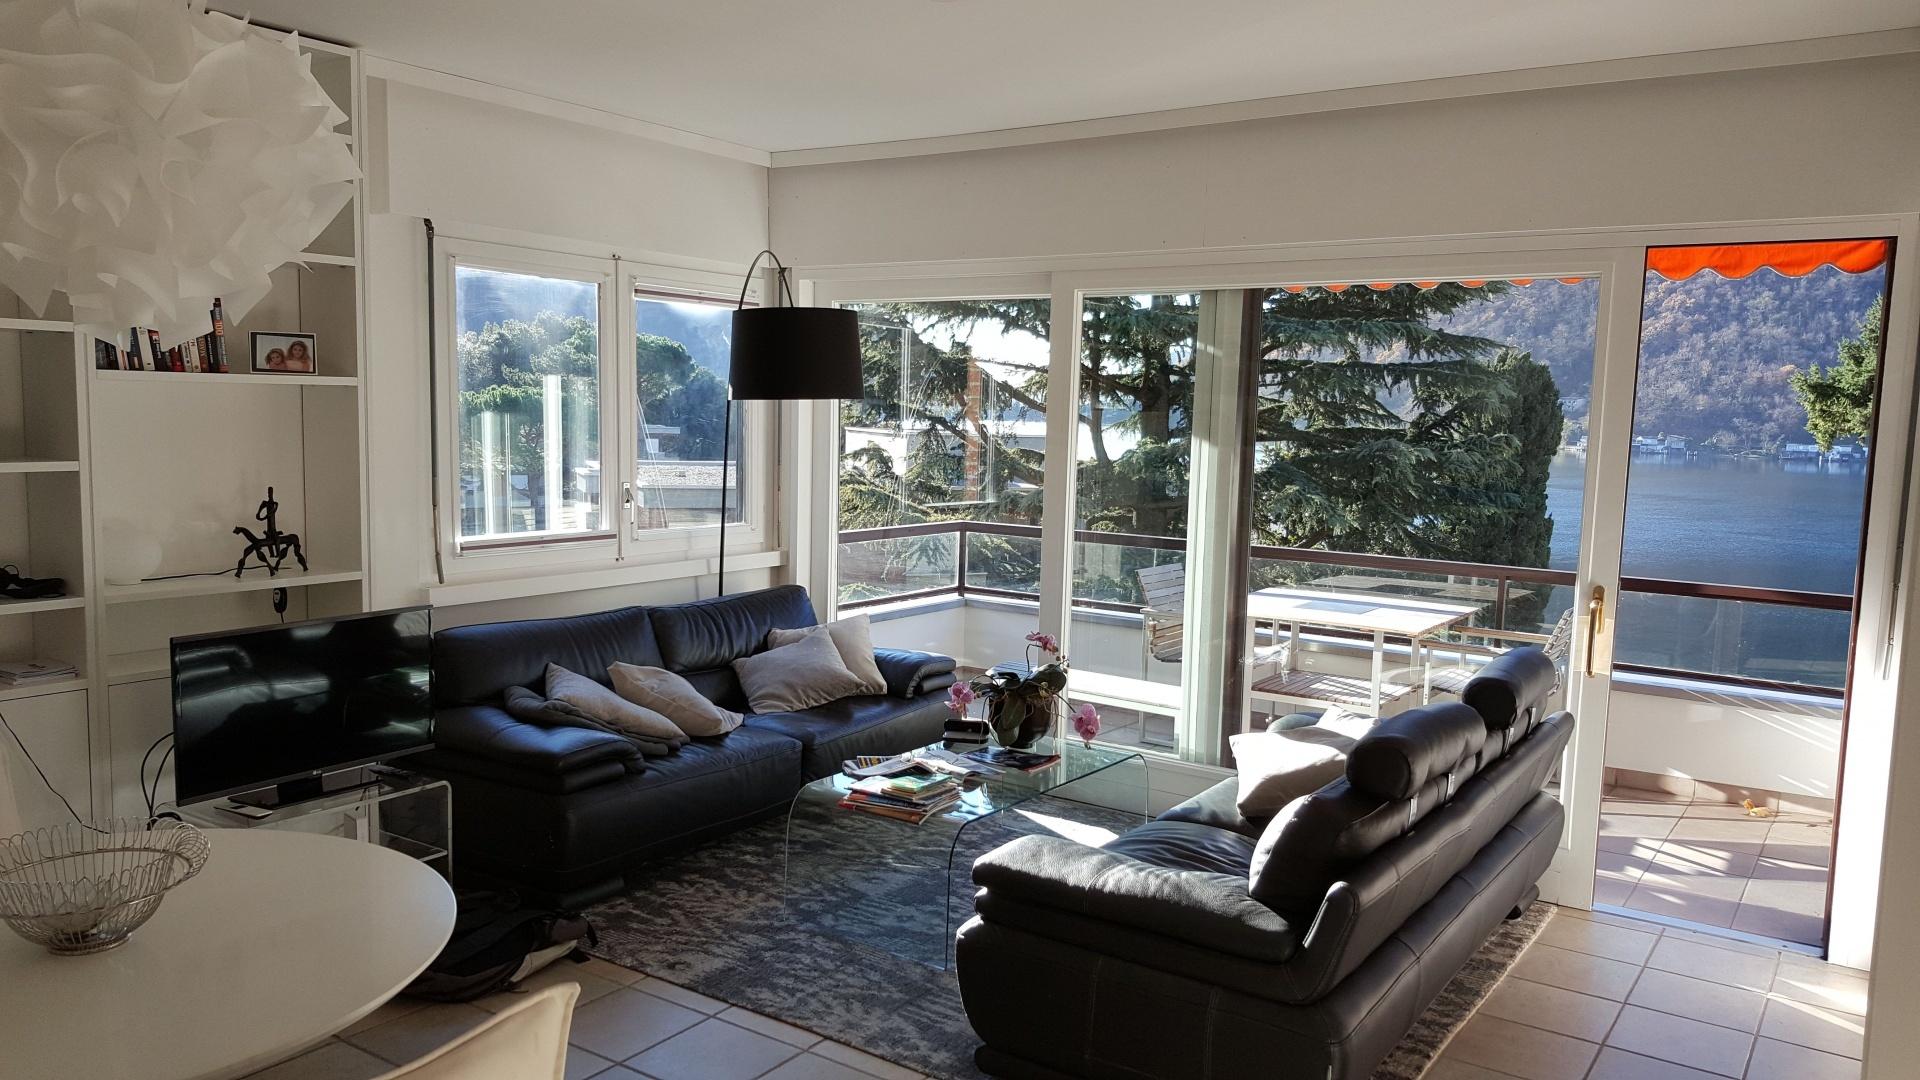 Tipps zur wohnungssuche for Wohnungssuche privat